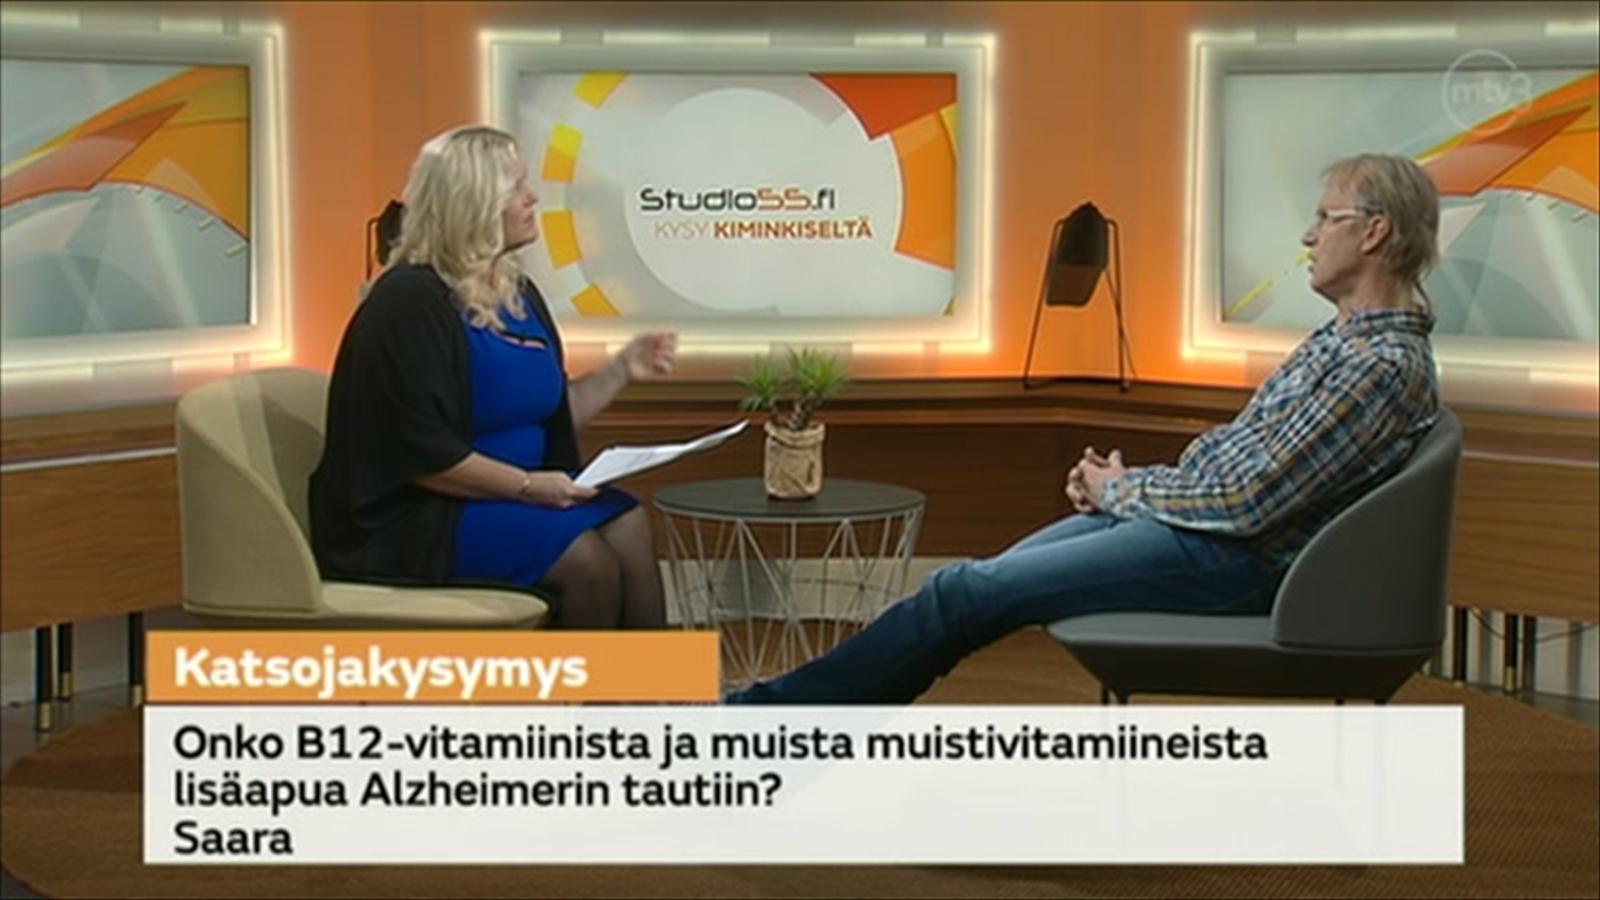 MTV Katsomo - Studio55.fi - Onko B12-vitamiinista apua Alzheimerin tautiin?